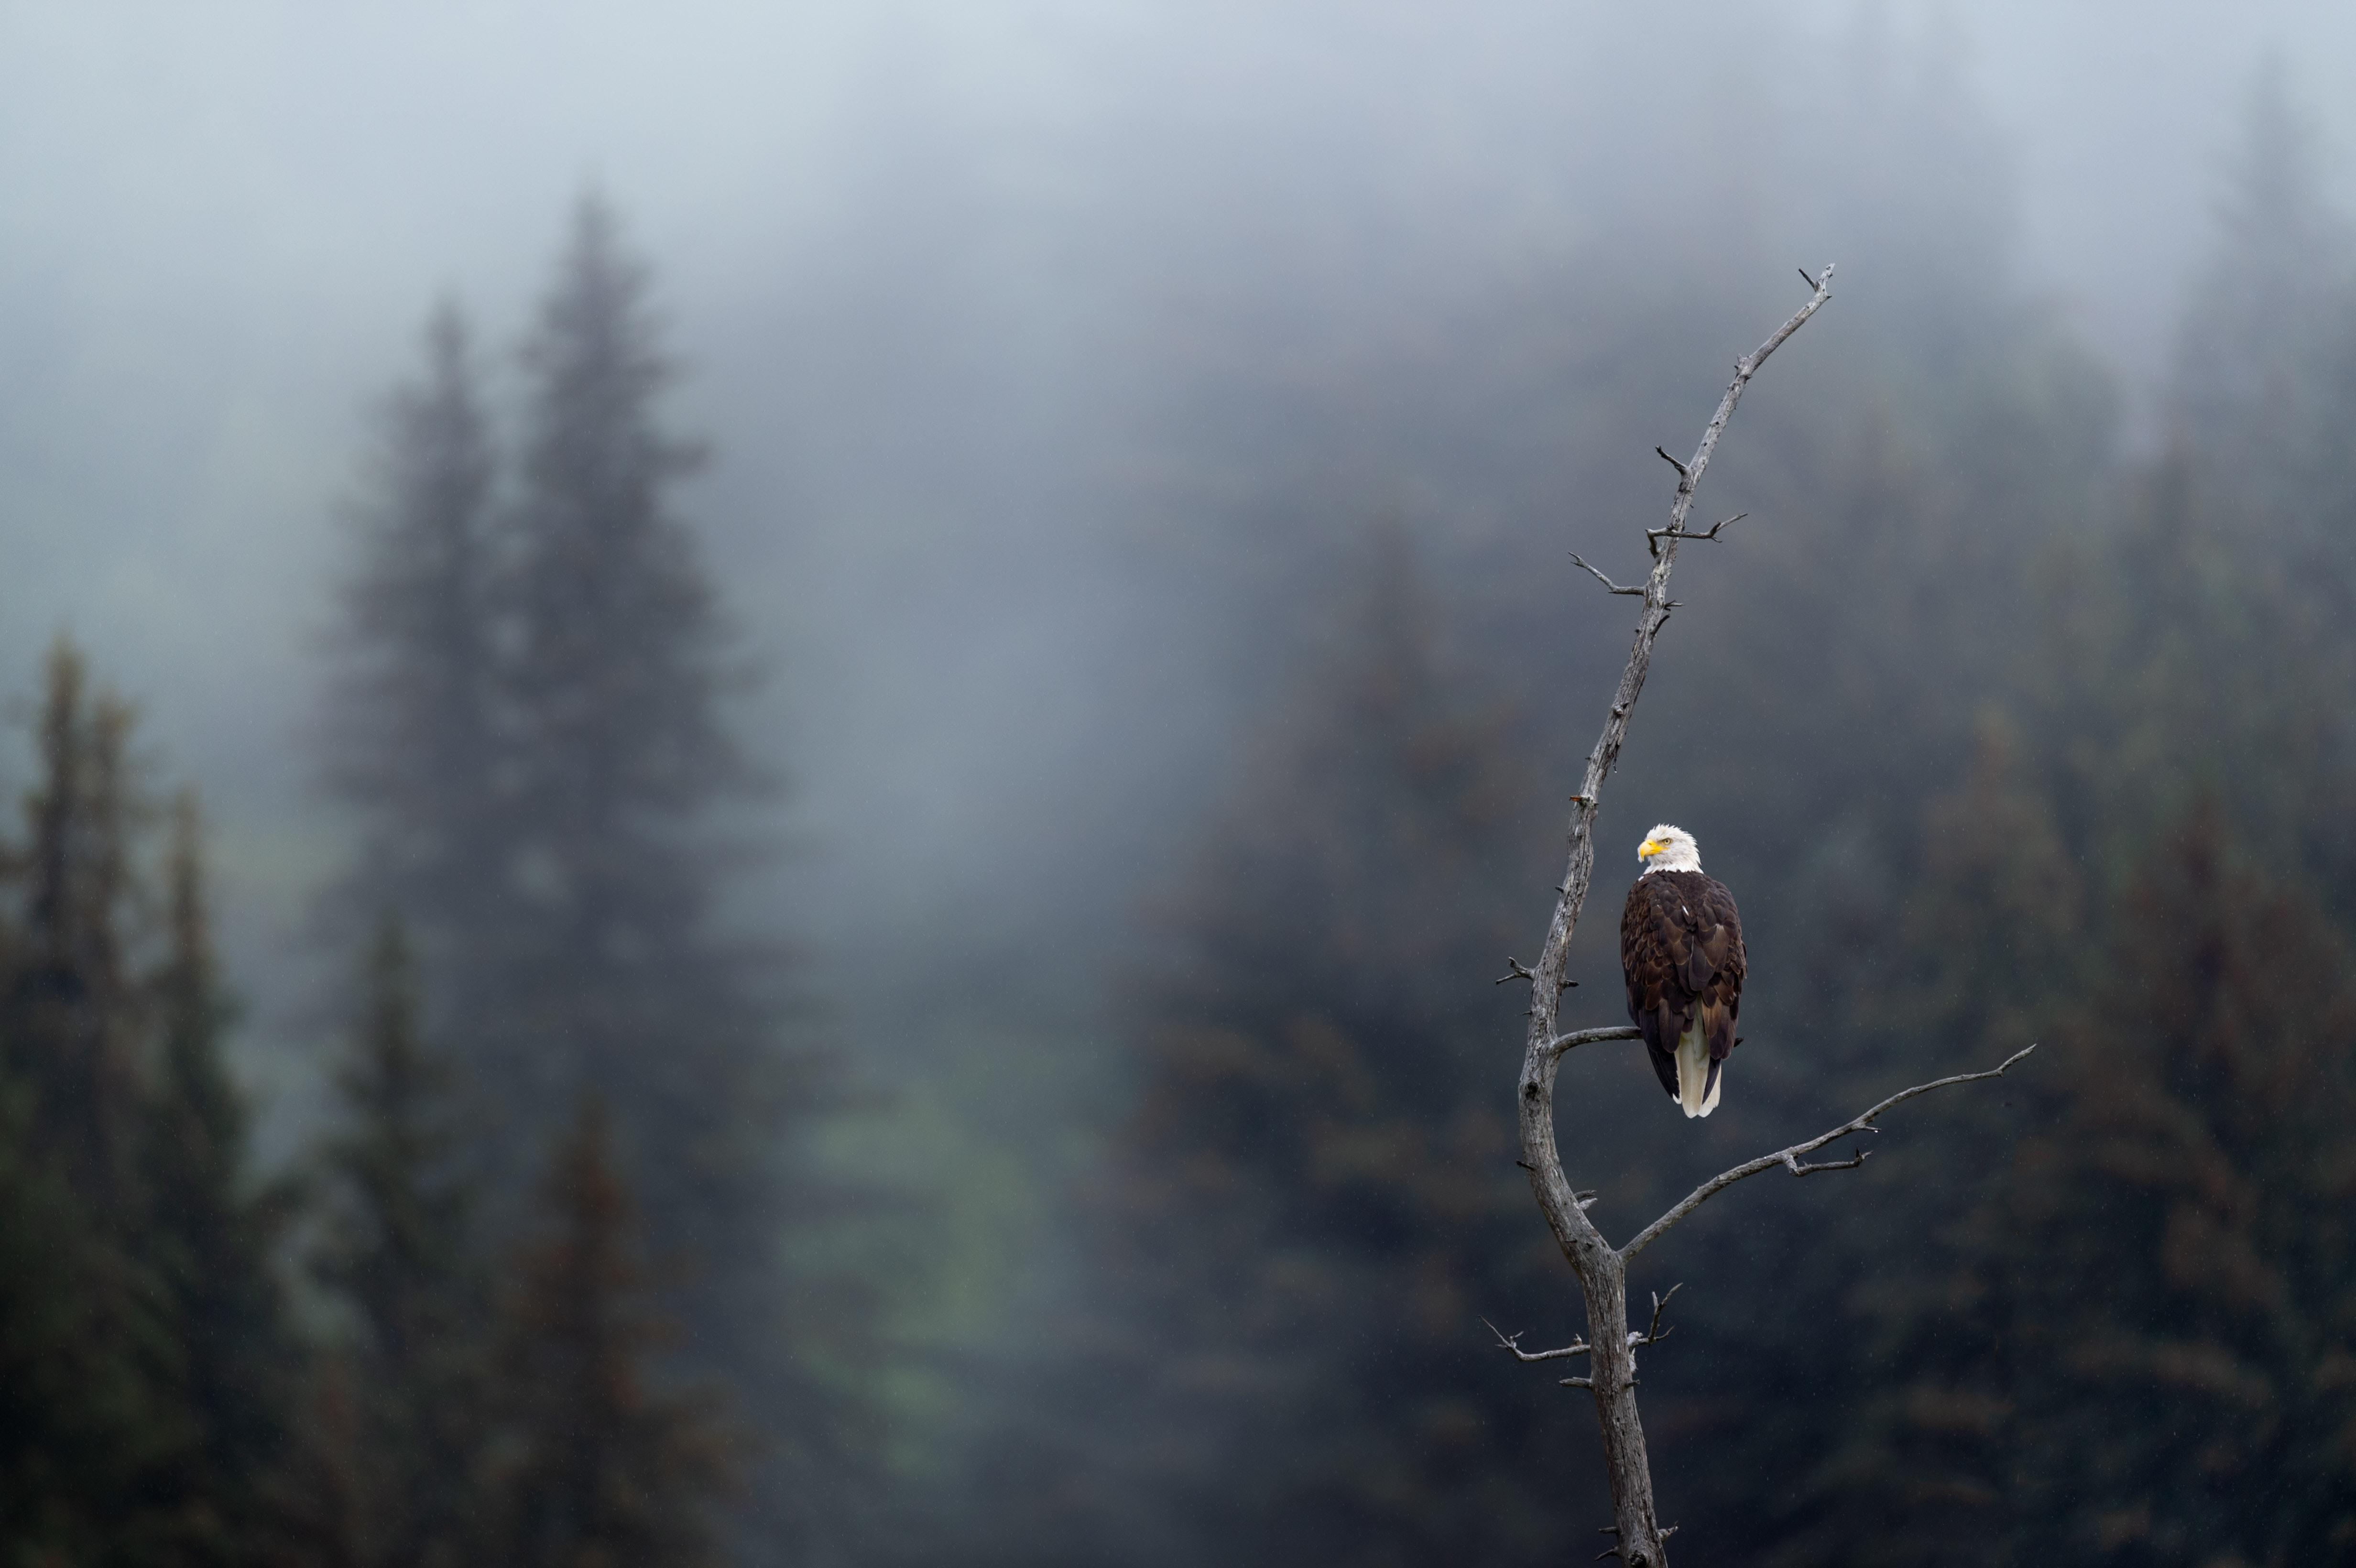 130903 Hintergrundbild herunterladen Tiere, Vogel, Ast, Zweig, Raubtier, Predator, Adler, Fokus - Bildschirmschoner und Bilder kostenlos